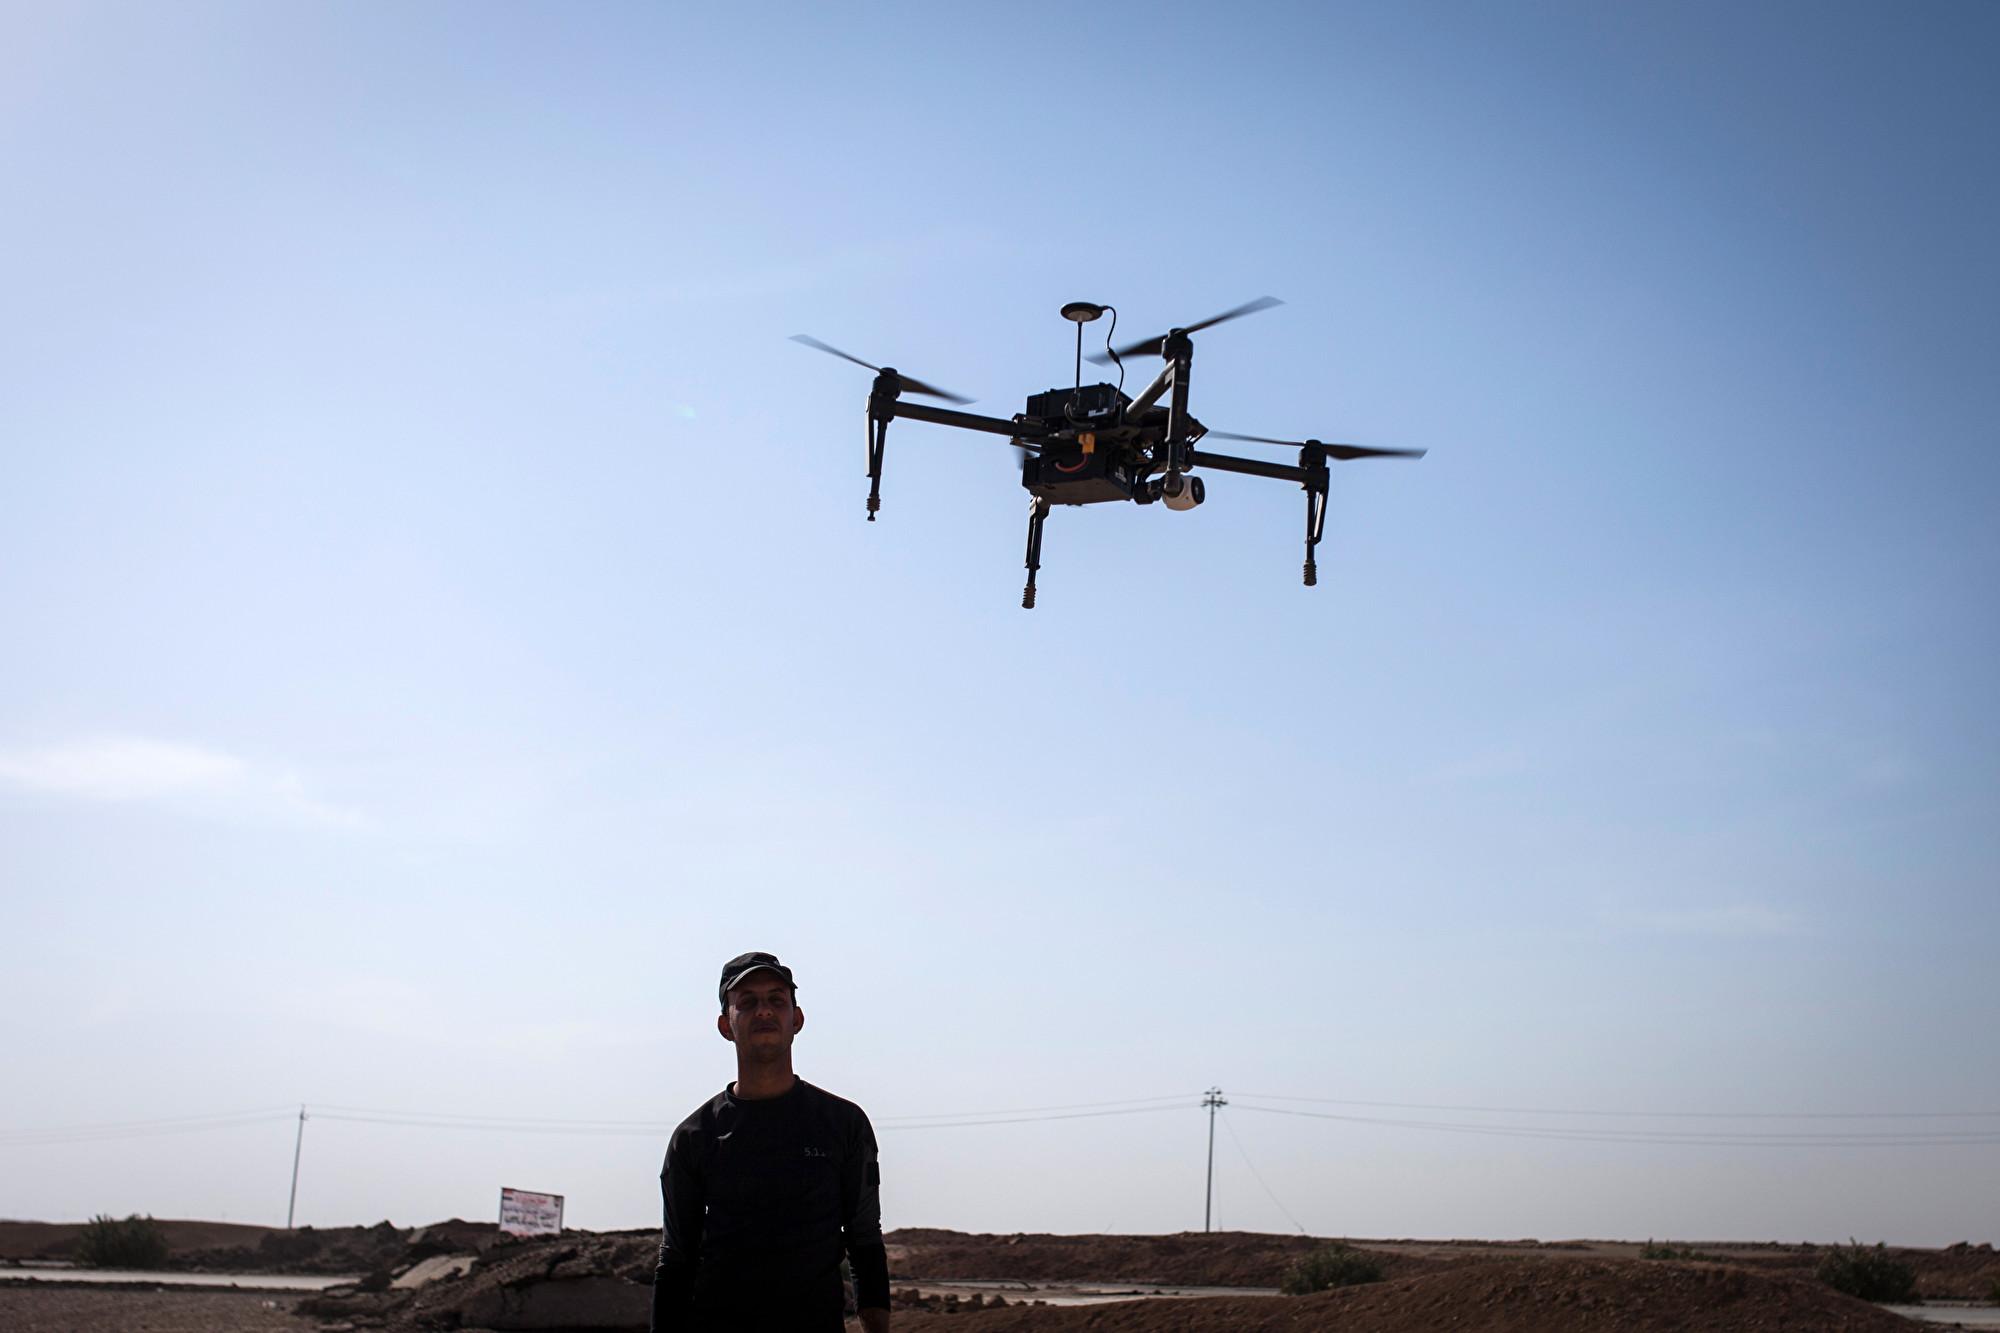 炸彈無人機電力不足返航 ISIS分子反被炸死